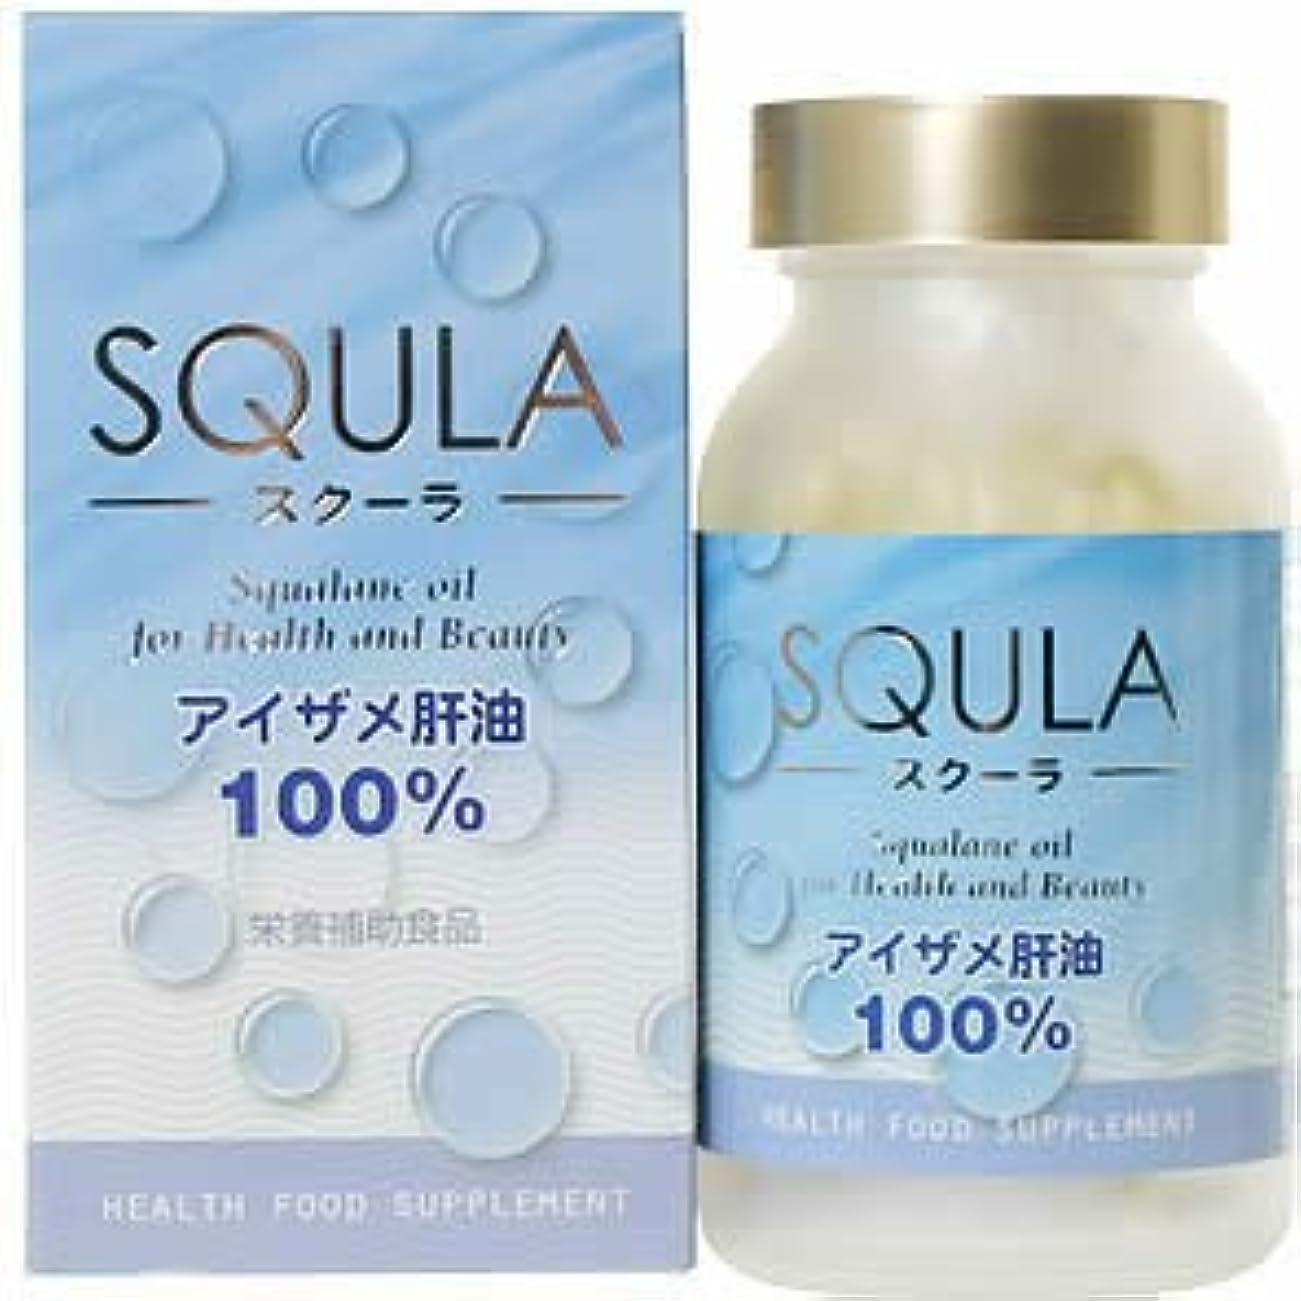 購入鉄読む京都栄養 スクーラ アイザメ肝油 180粒